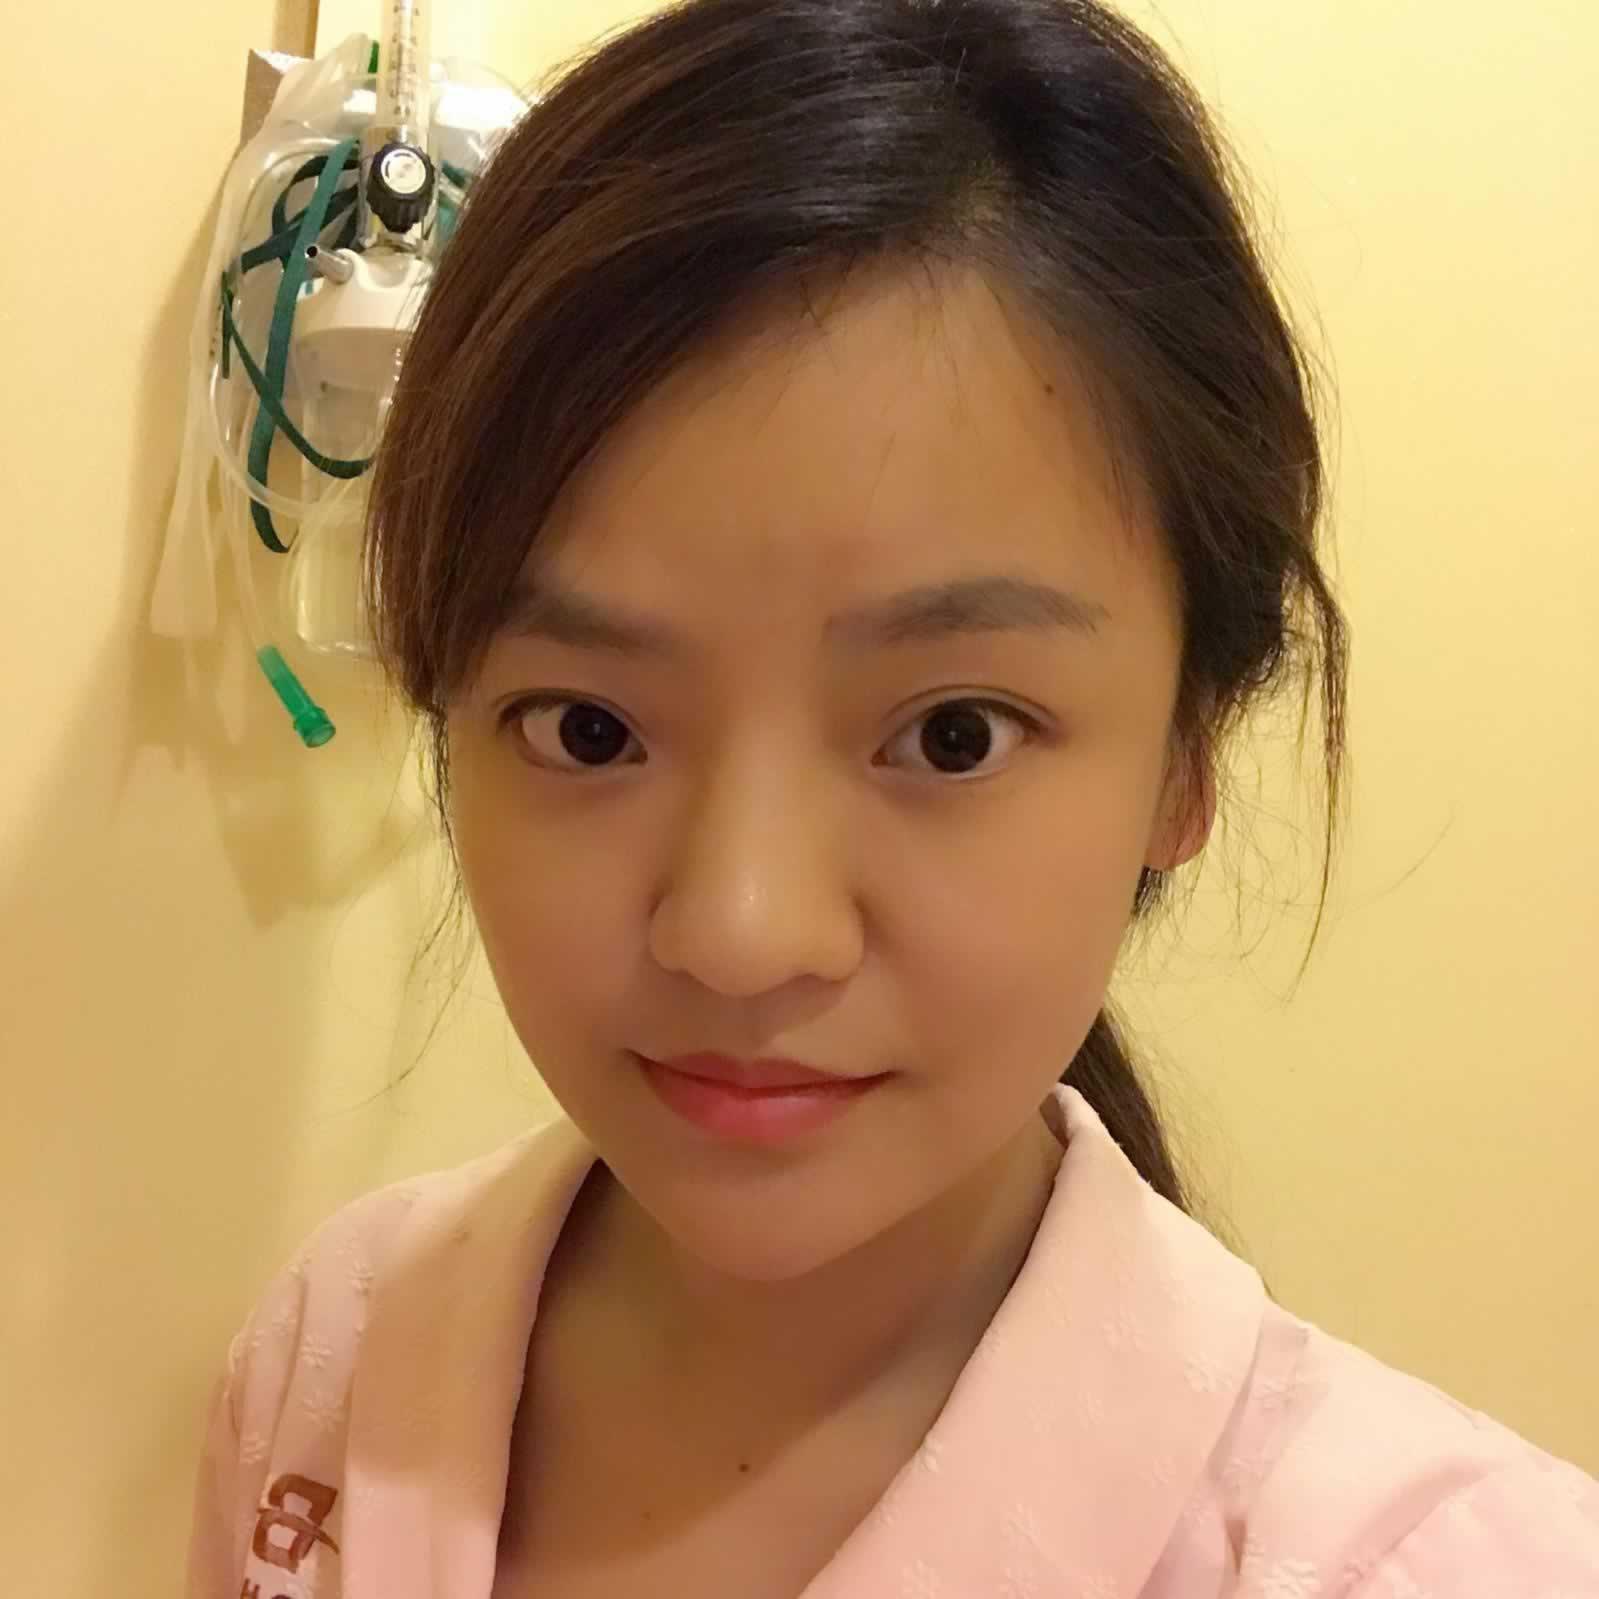 从韩国做完鼻中隔软骨隆鼻这半年多的恢复效果给大家分享一下。